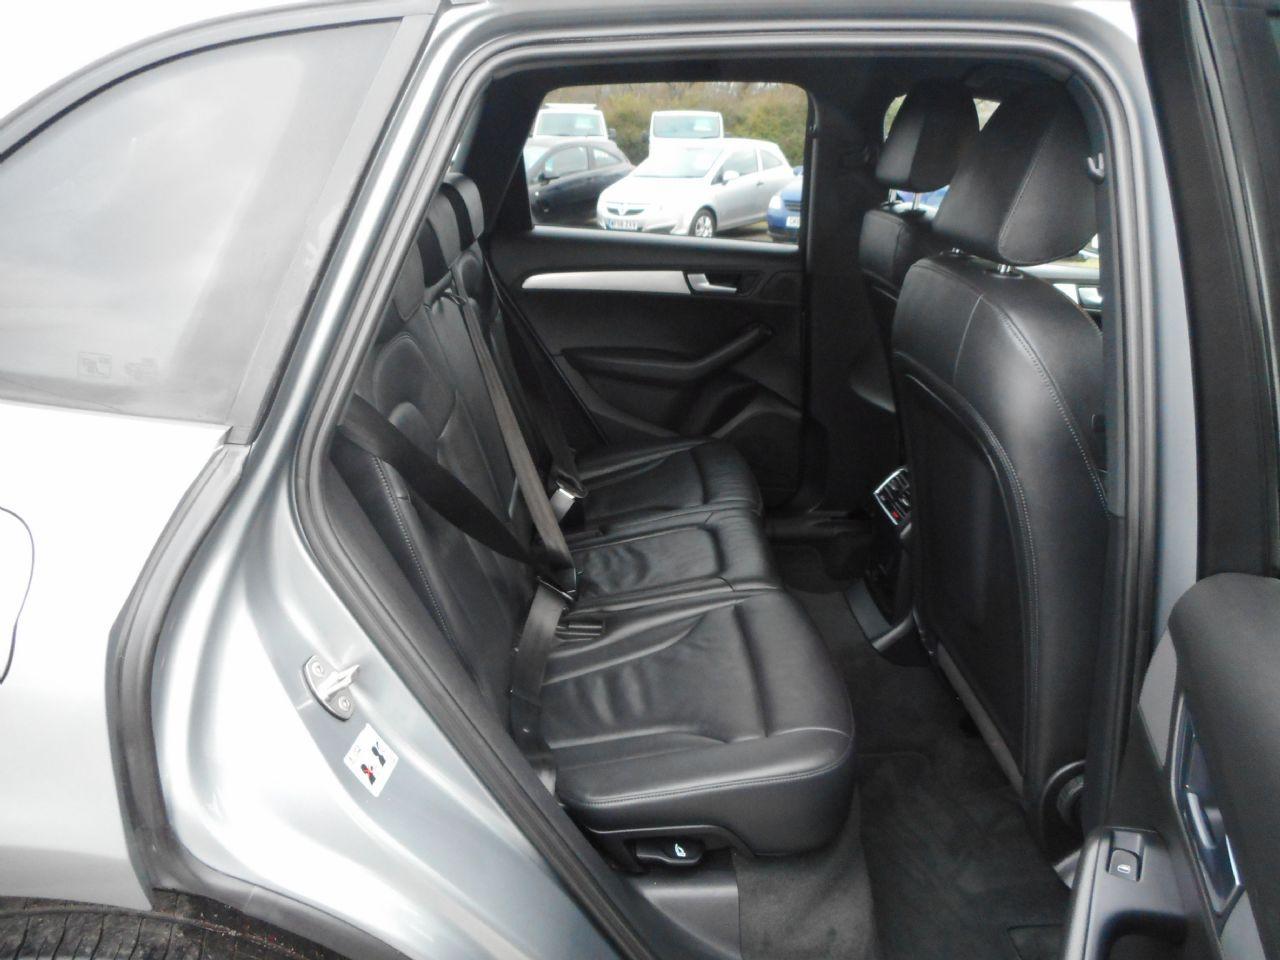 AUDI Q5 3.0 TDI quattro S line 240PS (2012) - Picture 5